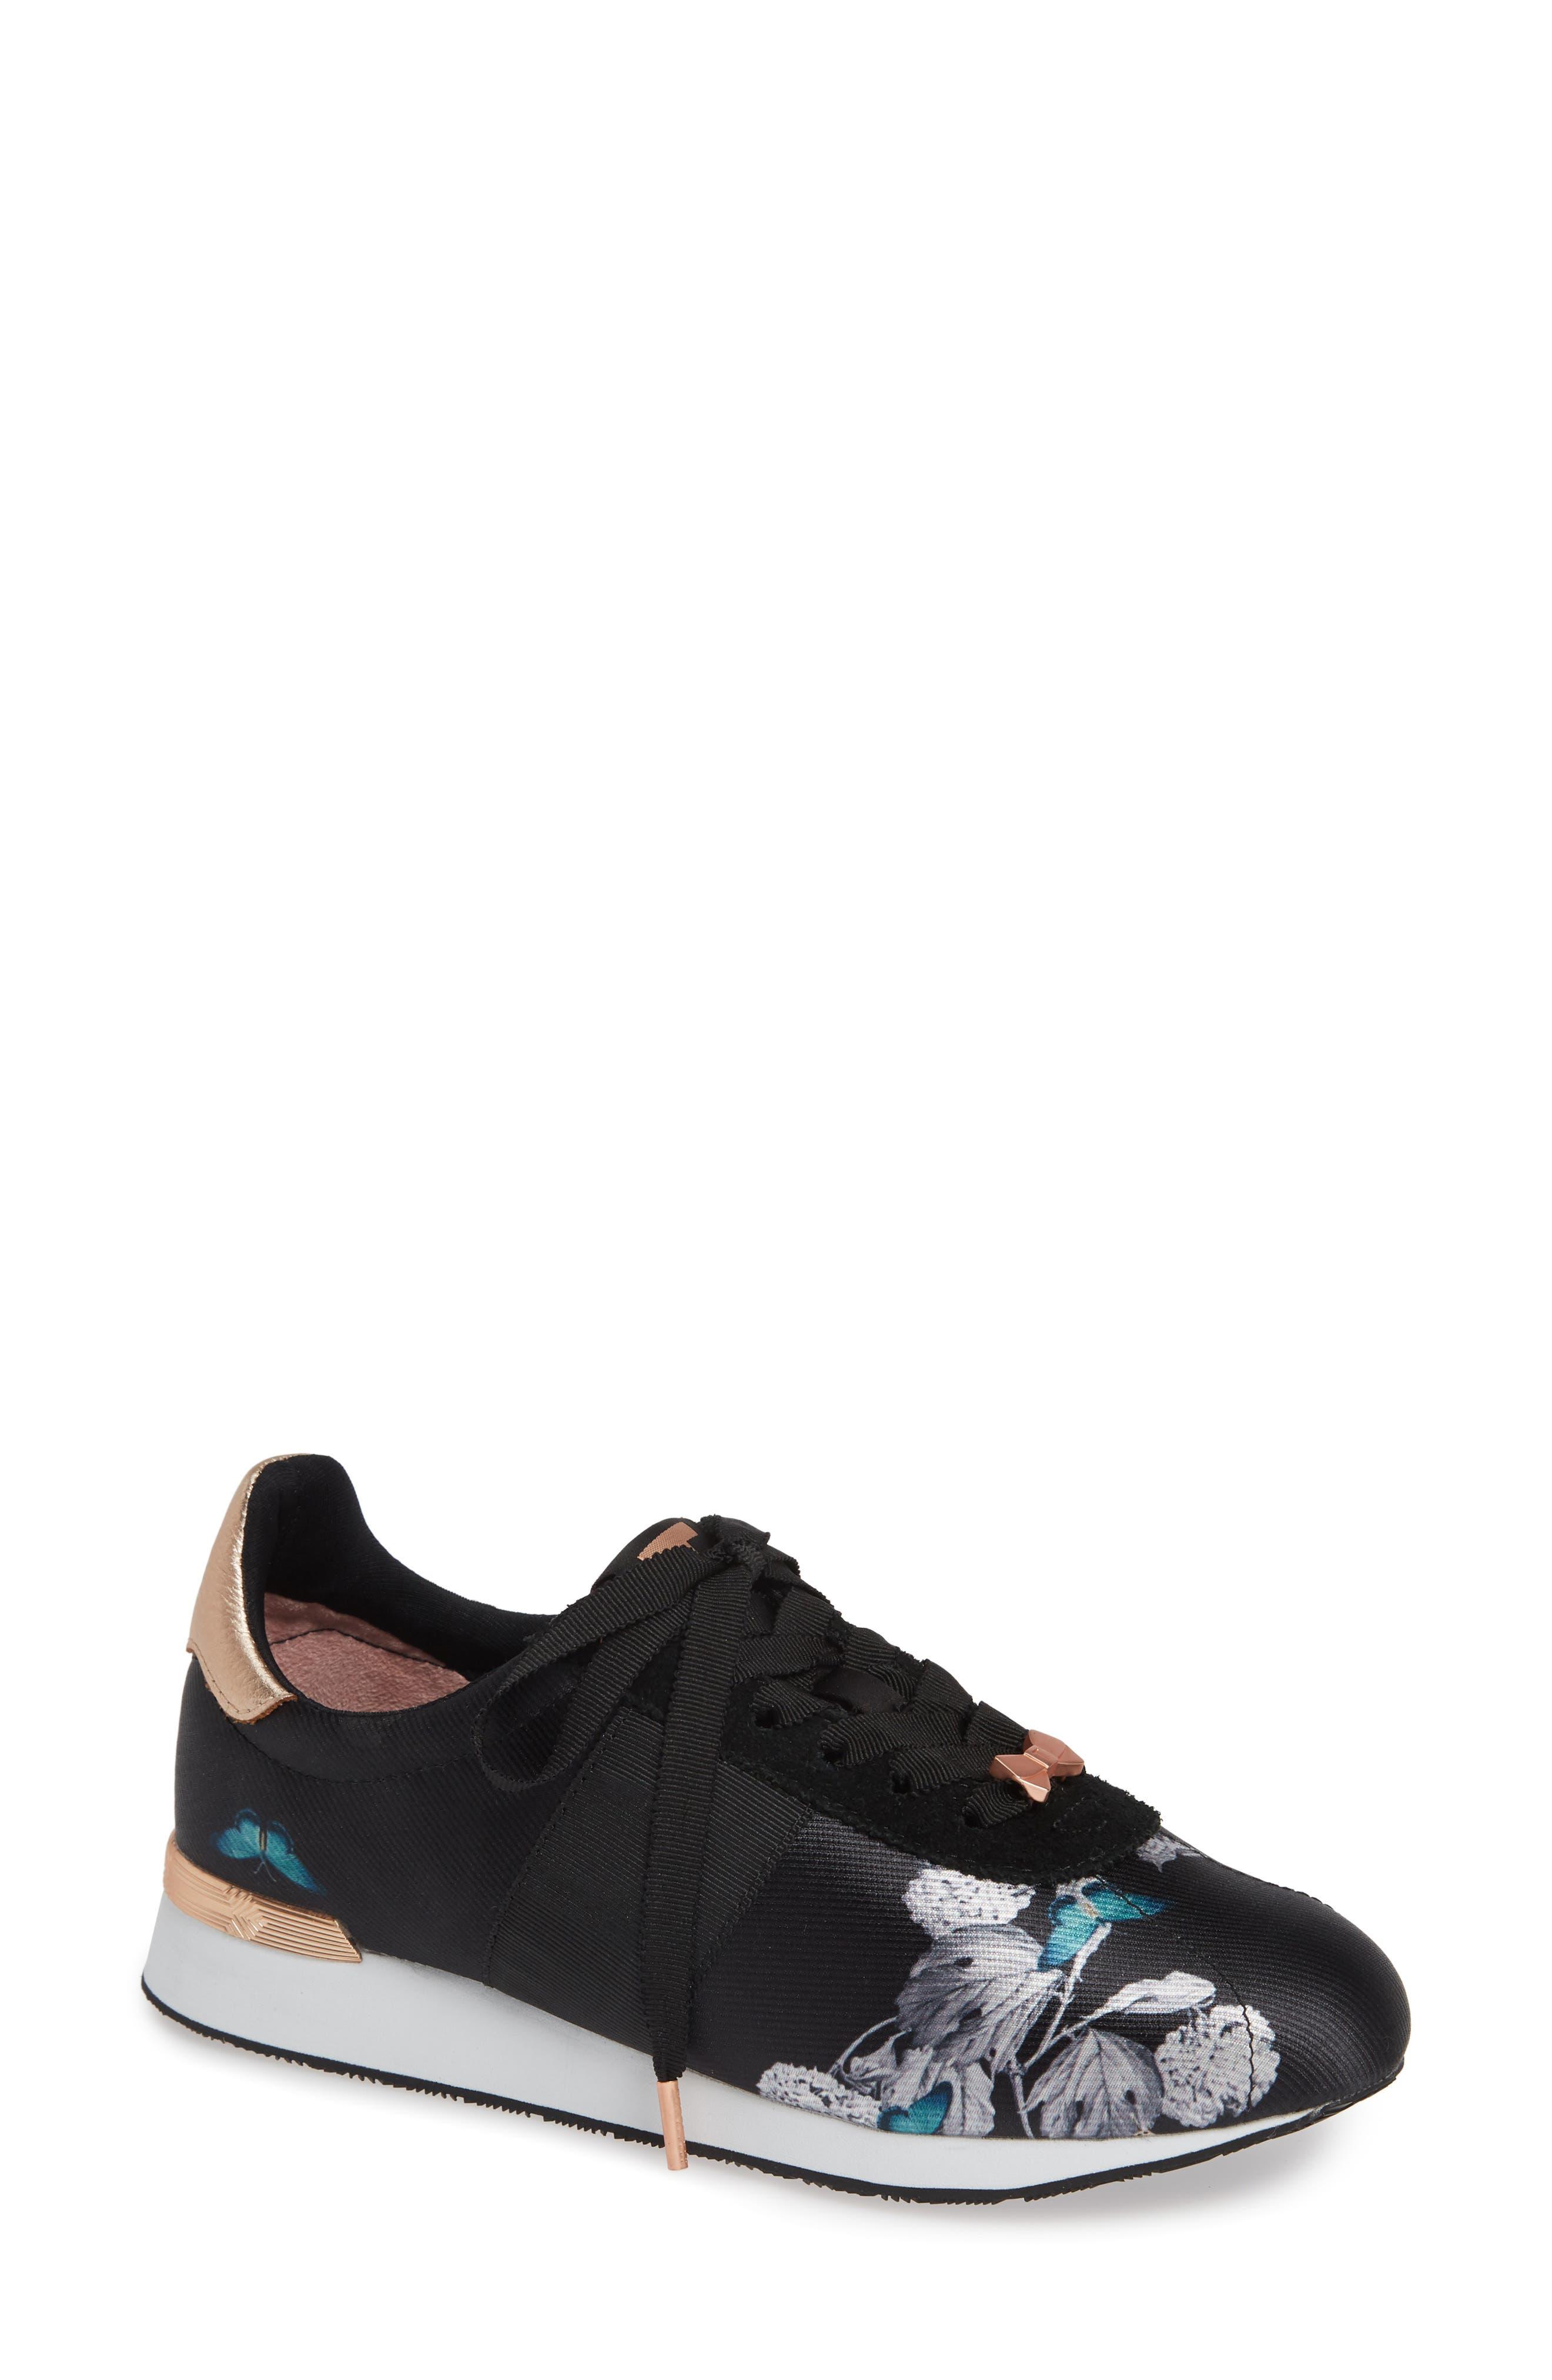 Ted Baker London Emelei 2 Floral Sneaker, Black